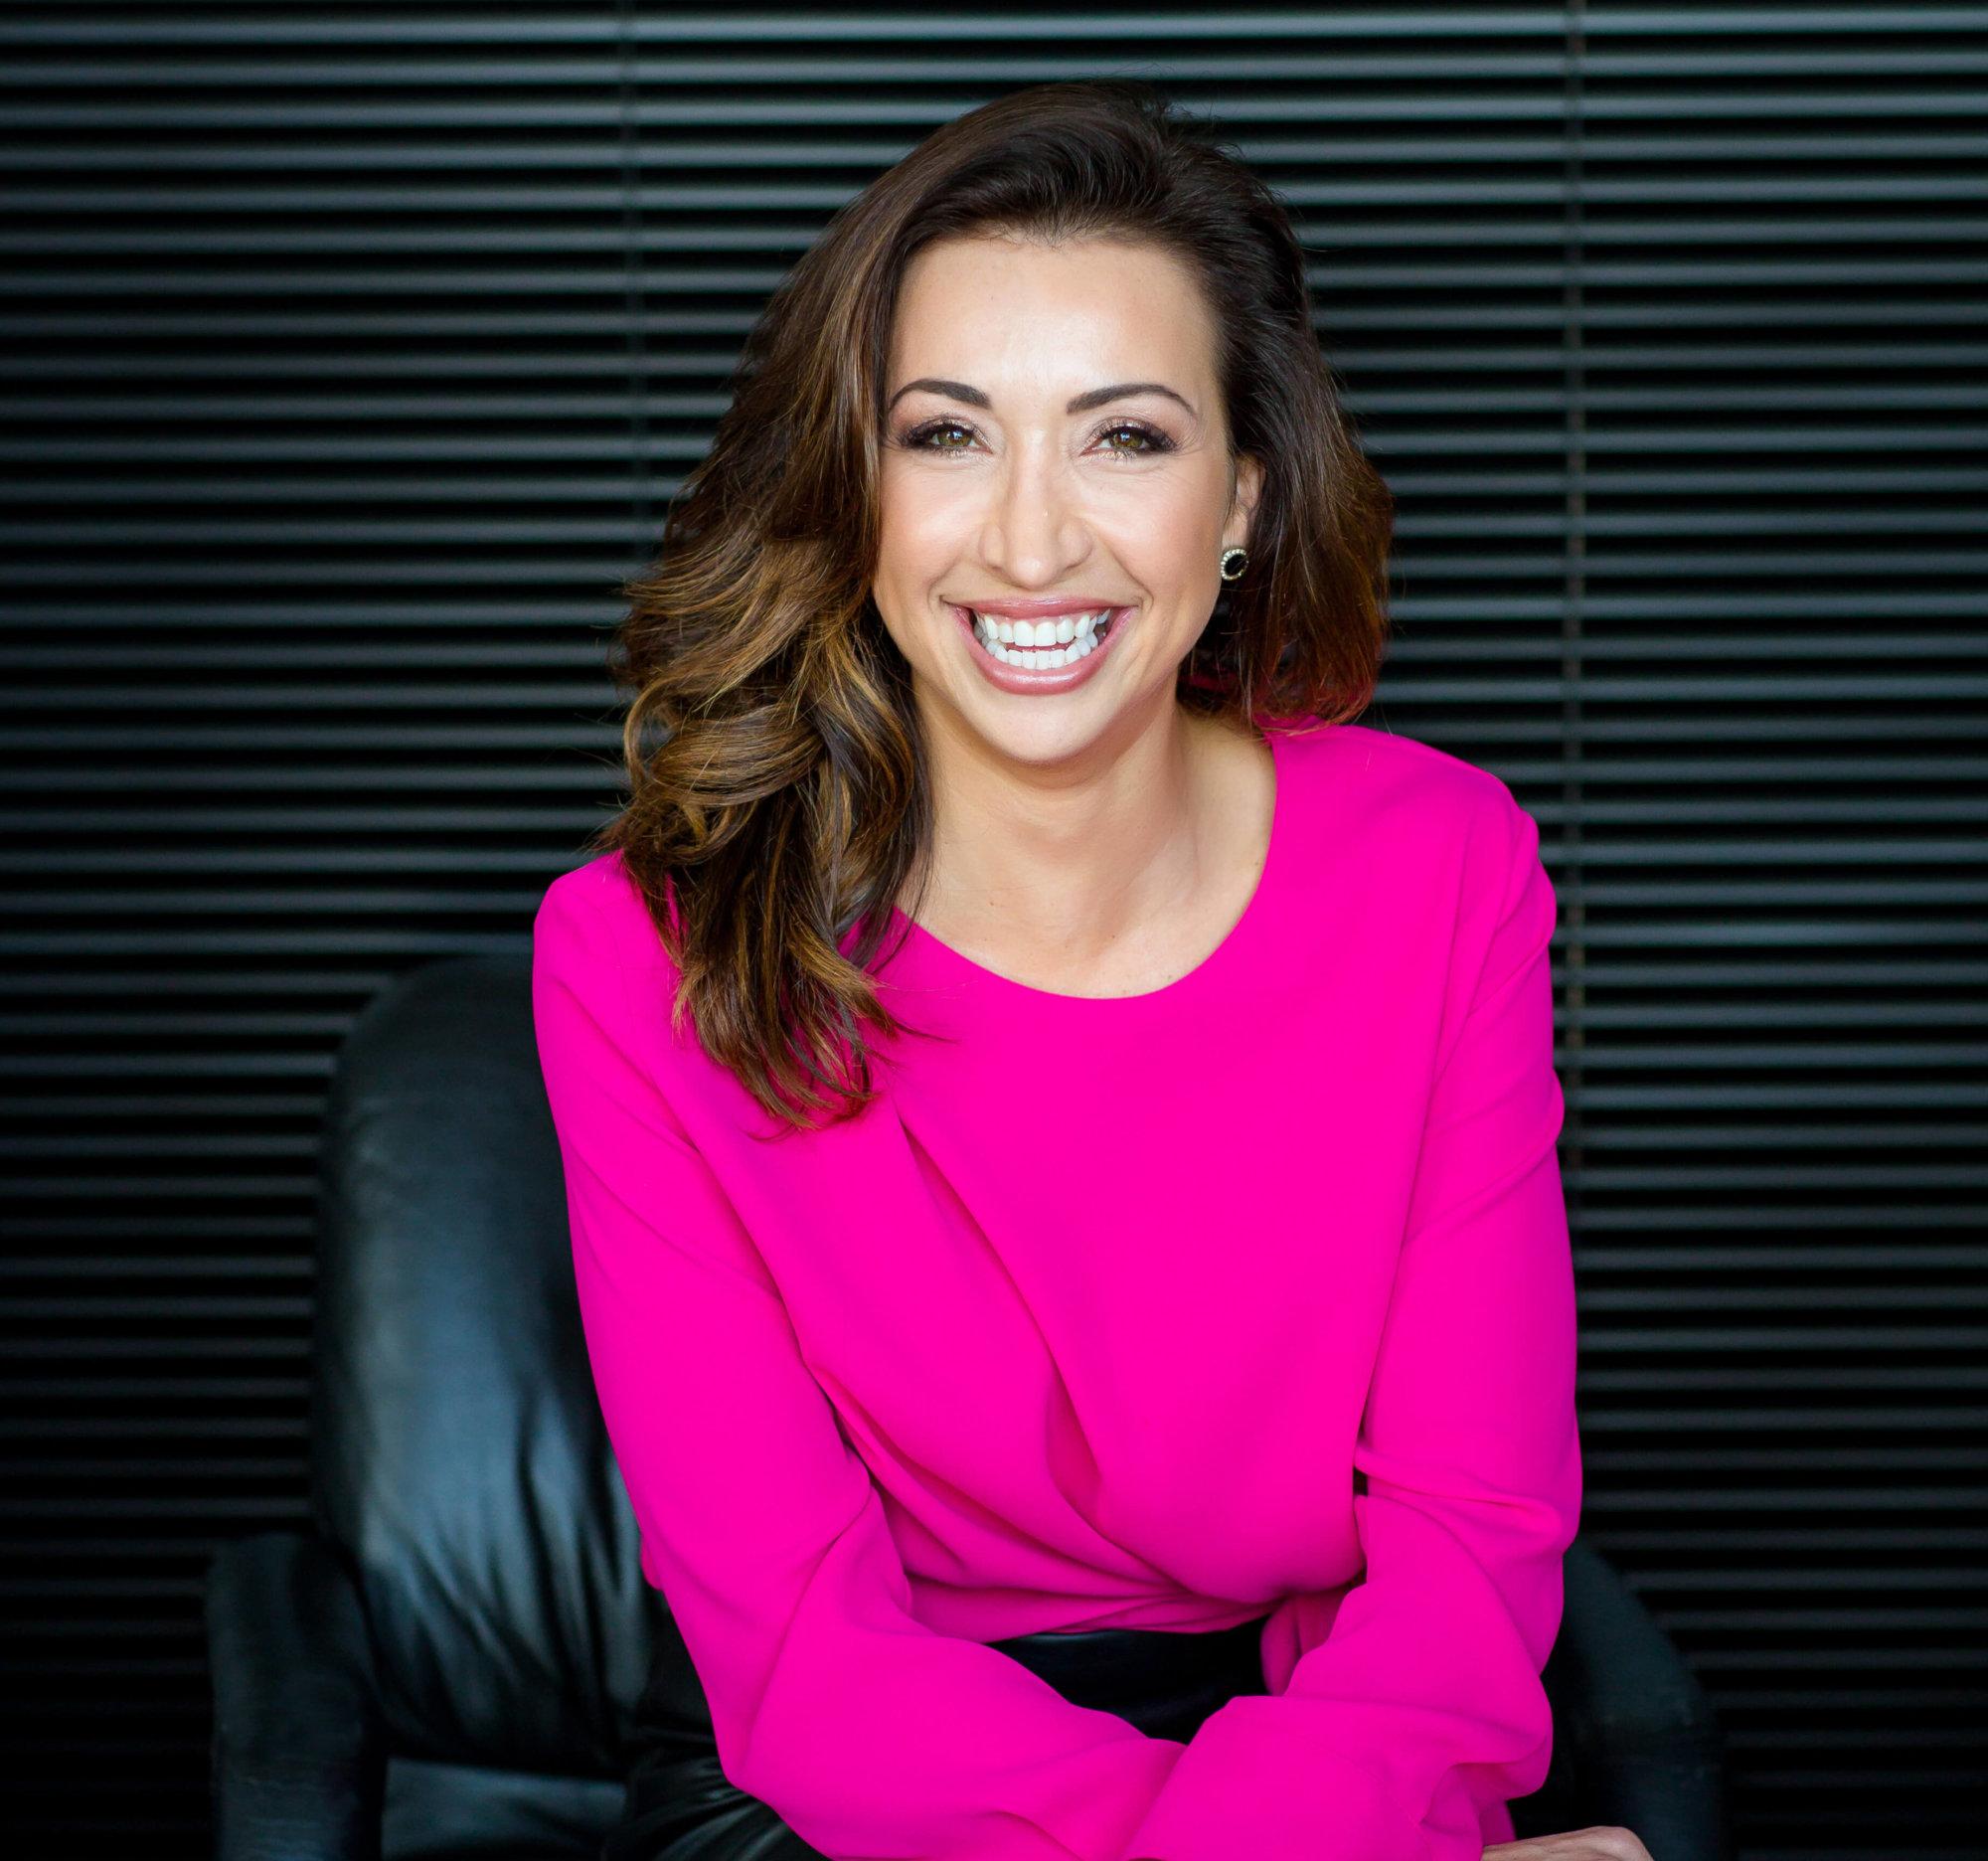 Melissa-Lewis-Elevating-Female-Executive-Presence